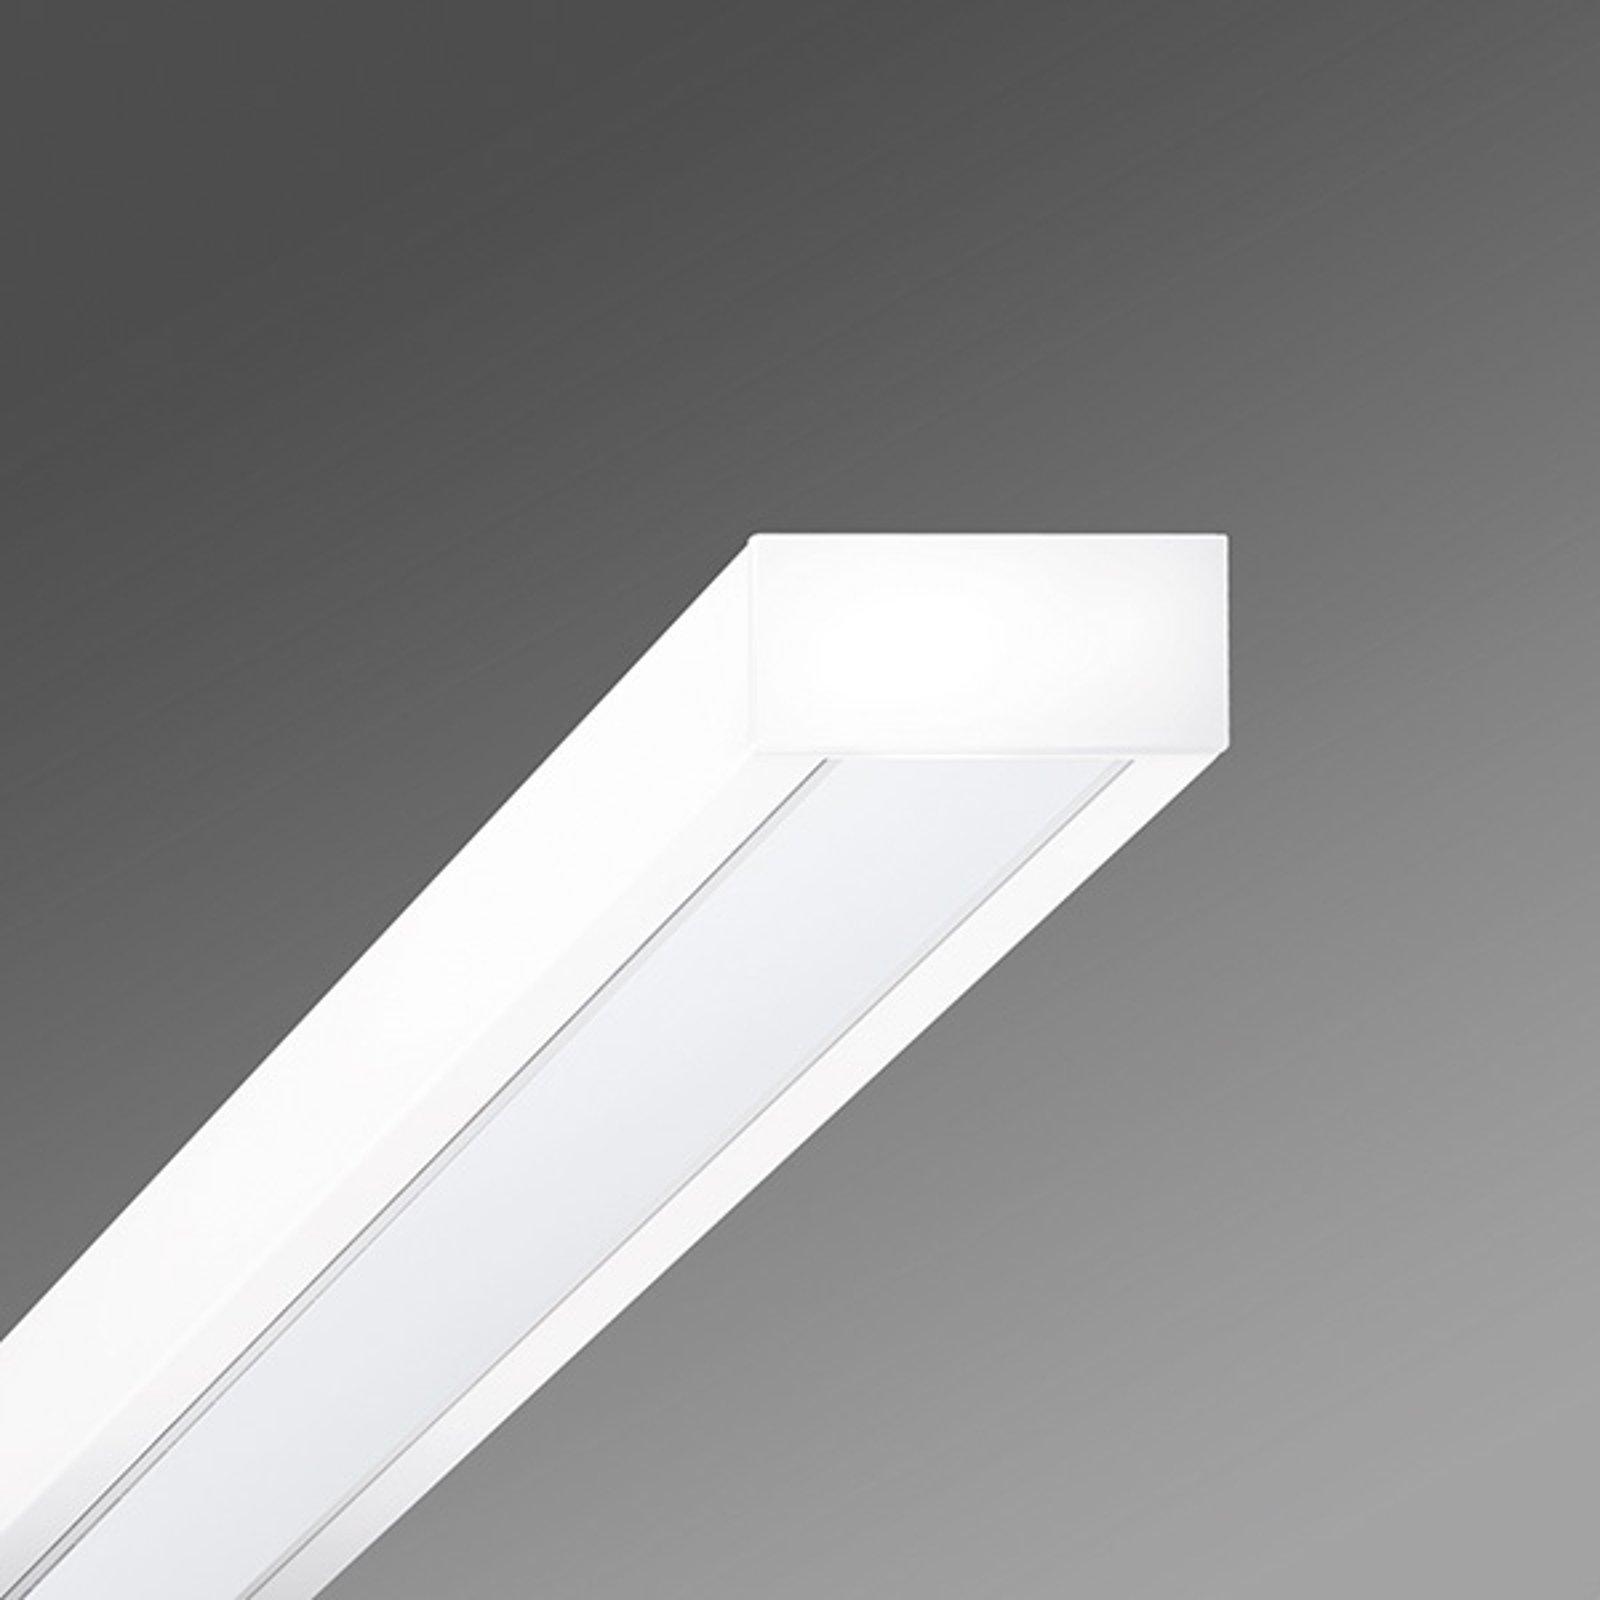 LED-taklampe med cubus-RSAGC-1500 3191lm spreder